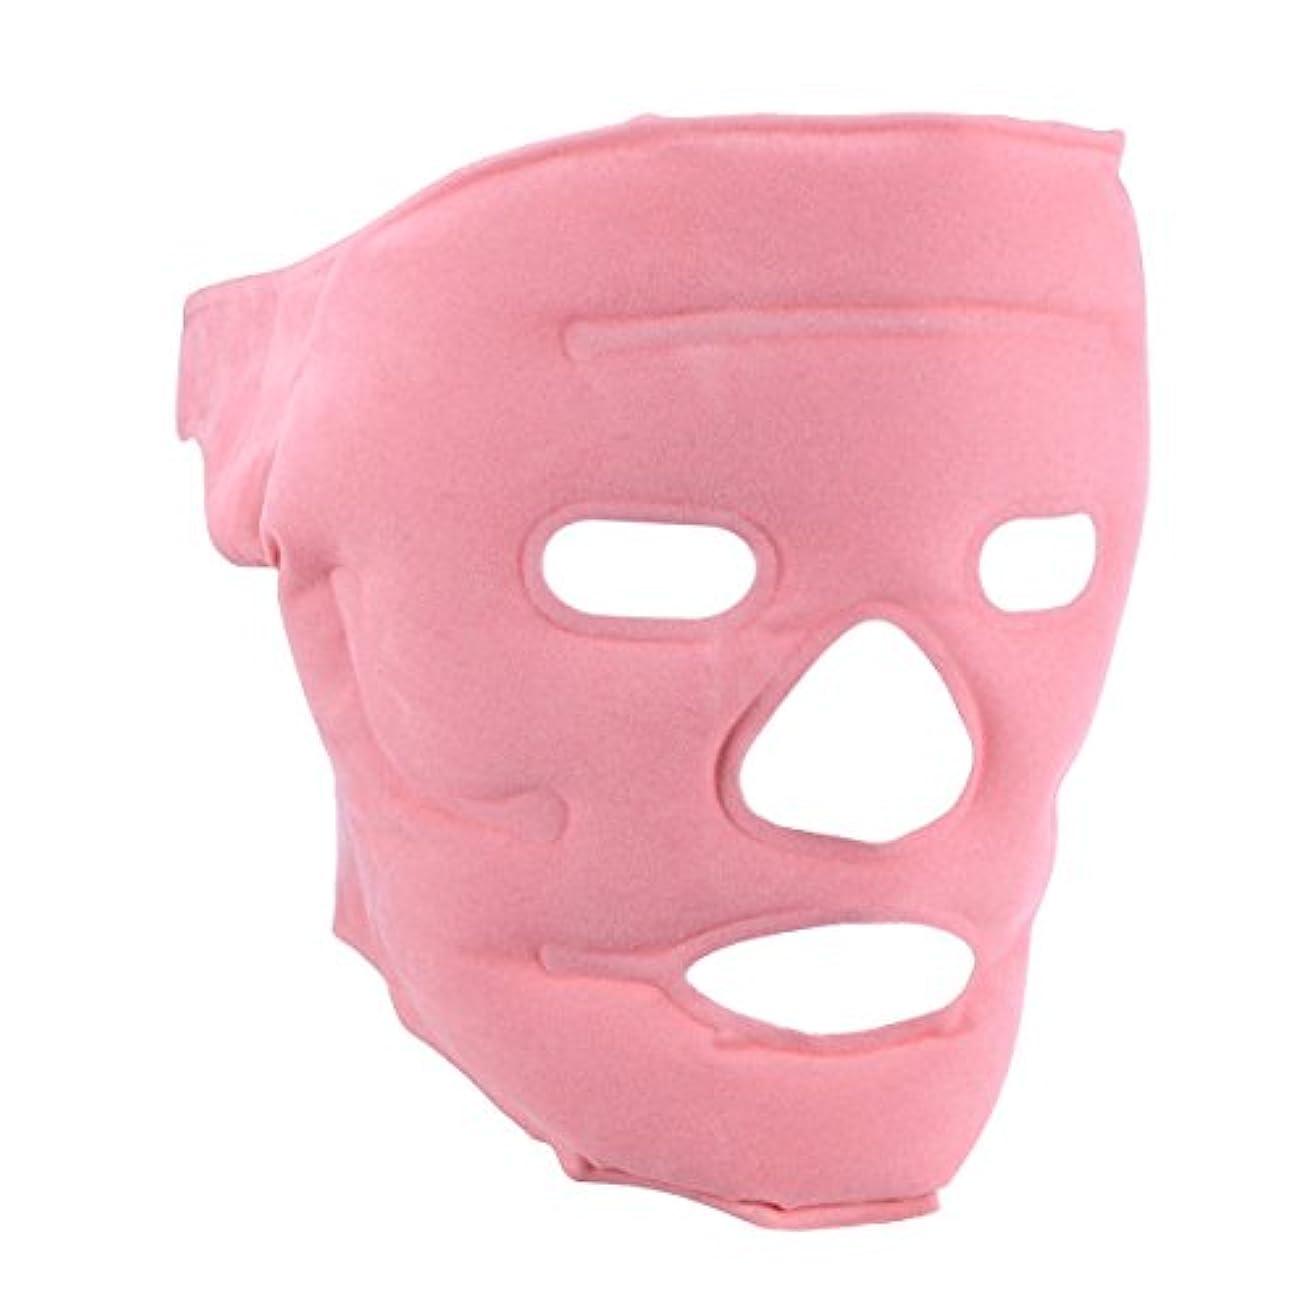 開示するバクテリア階下HEALLILY ジェルアイスフェイスマスク美容フェイスリフティングマッサージフェイシャルマスク